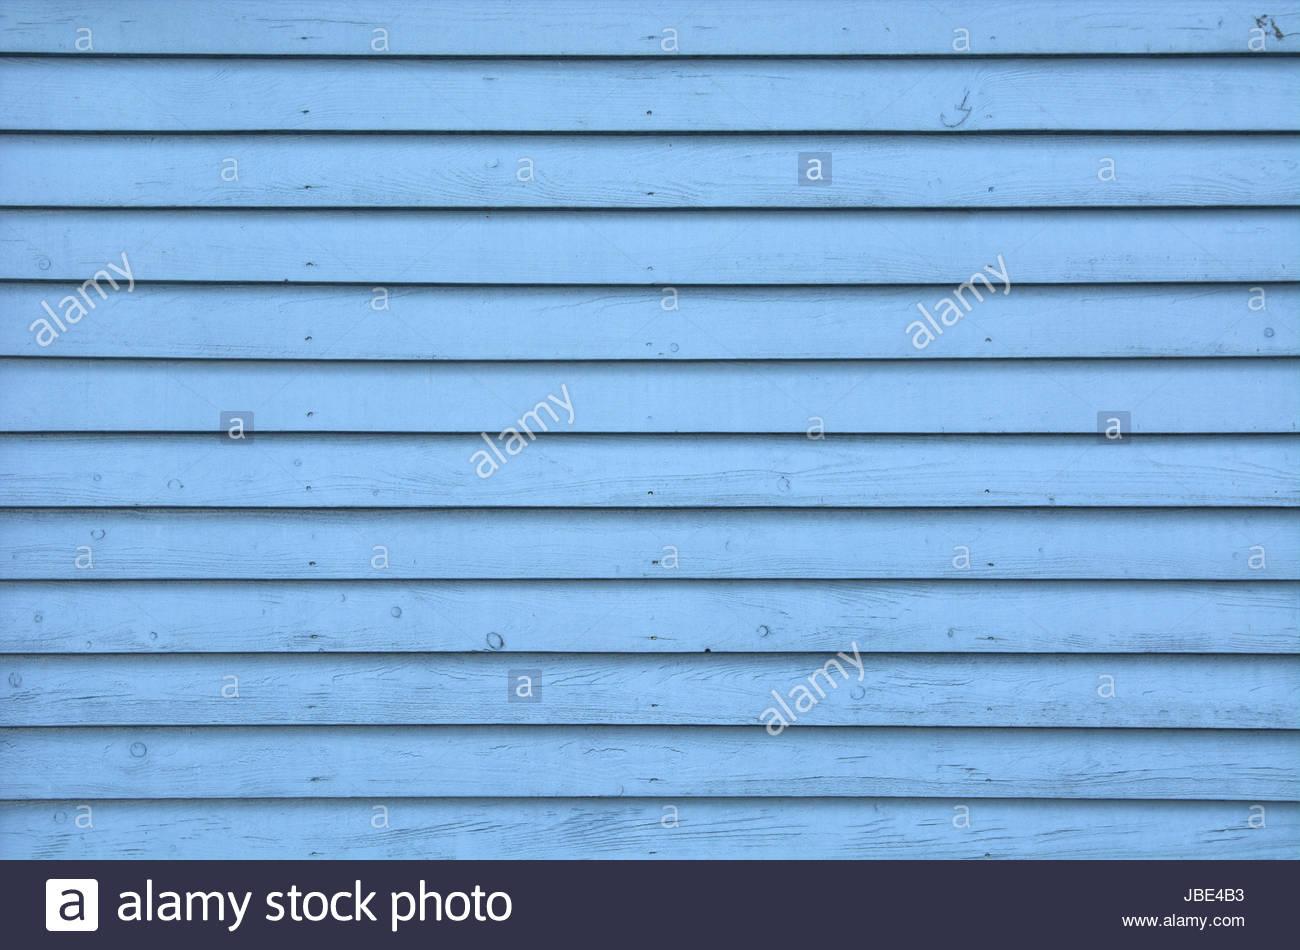 Blaue Holzpaneele - Eine Wand mit blauen Schalbrettern aus Holz als Hintergrund / Kulisse / wooden backdrop in blue. - Stock Image